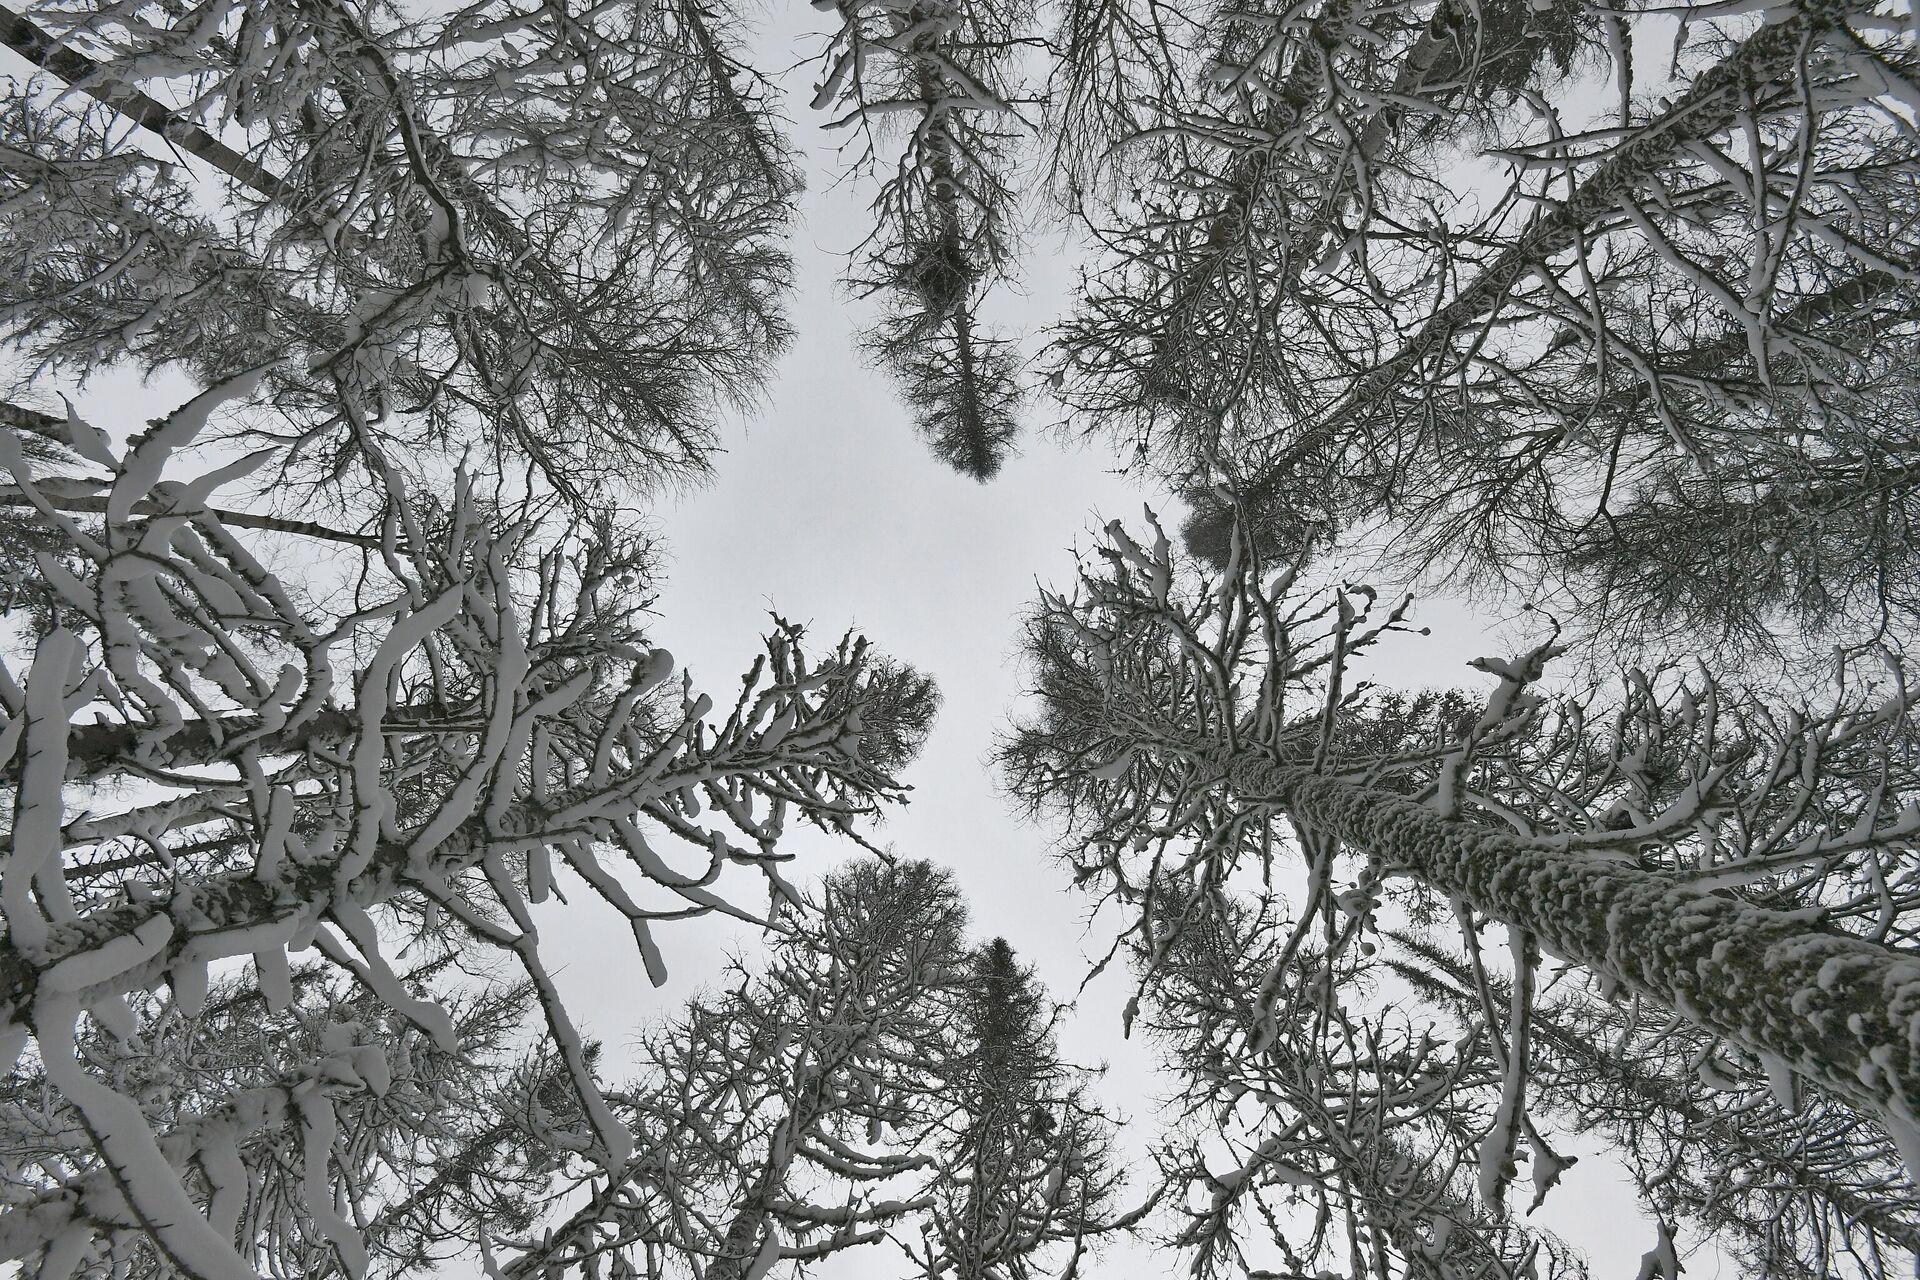 Заснеженные деревья в сибирской тайге - РИА Новости, 1920, 20.01.2021